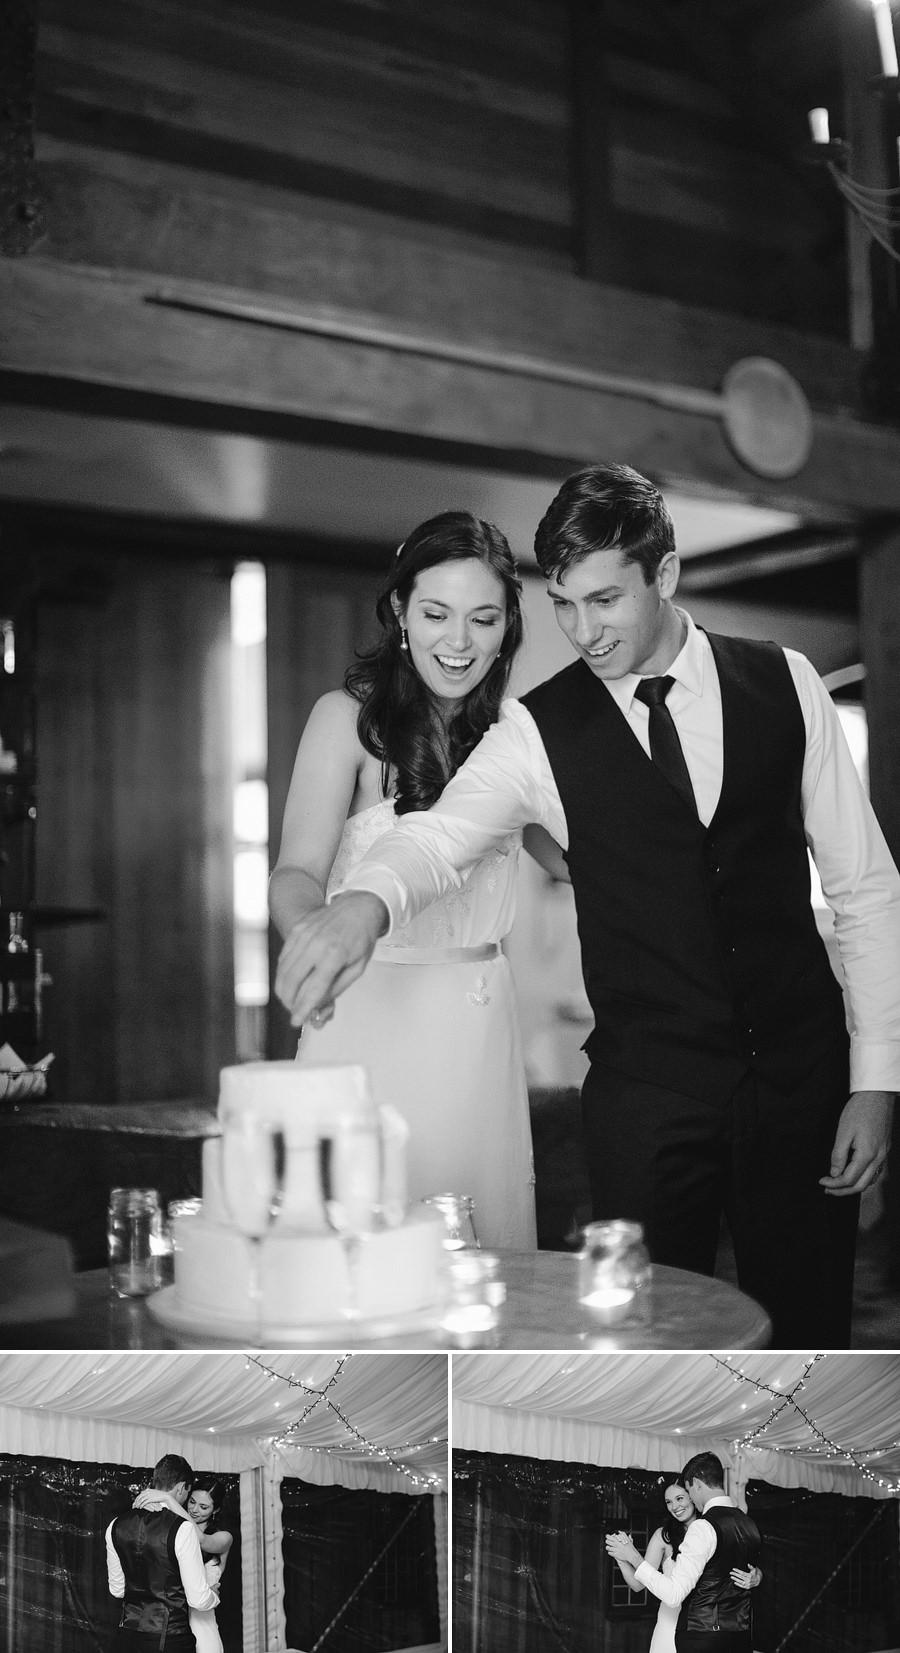 Sydney Wedding Photography: Bride & groom cutting cake